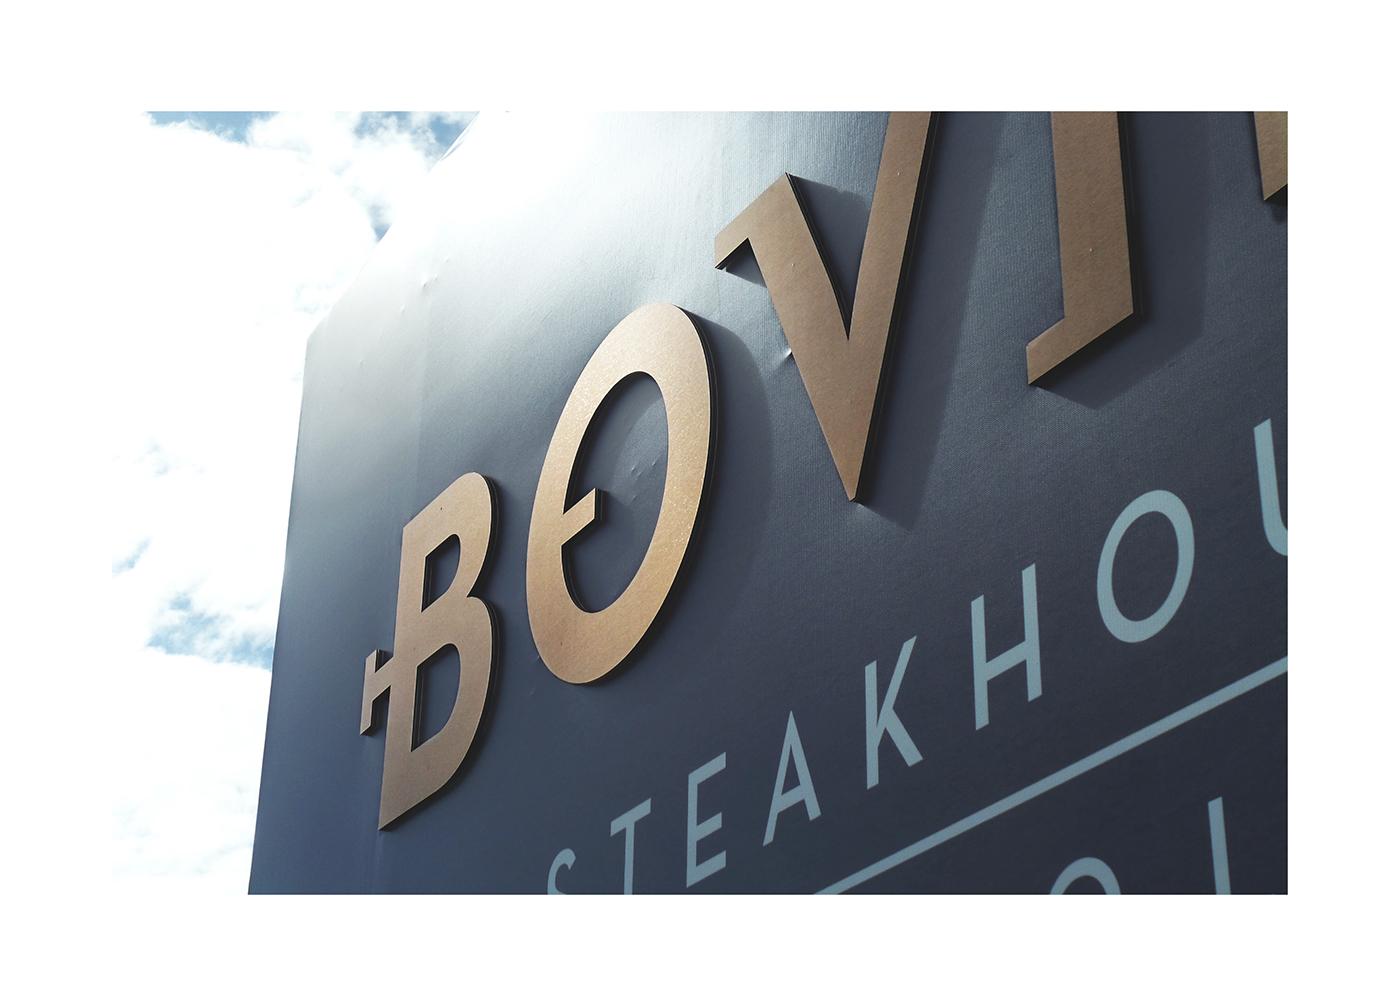 Bovino steakhouse restaurant branding by TripleSky in Portugal